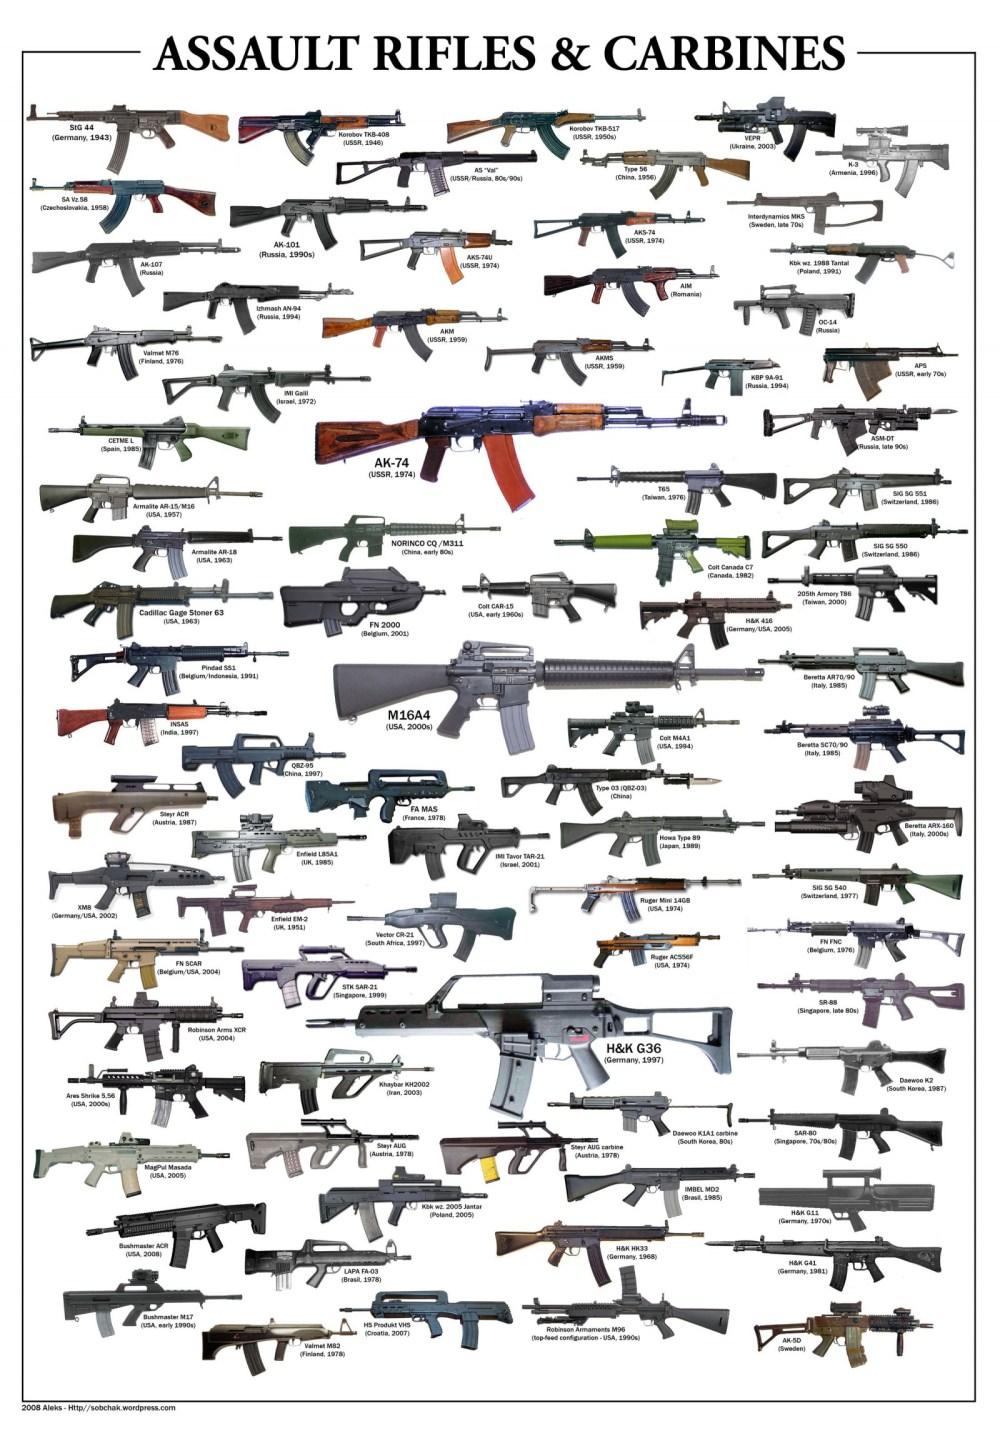 medium resolution of wallpaper drawing gun weapon ak 47 ar 15 kalashnikov as val fn fal cz vz 58 heckler koch ak 74 diagrams heckler koch g36 hk416 sig sg 550